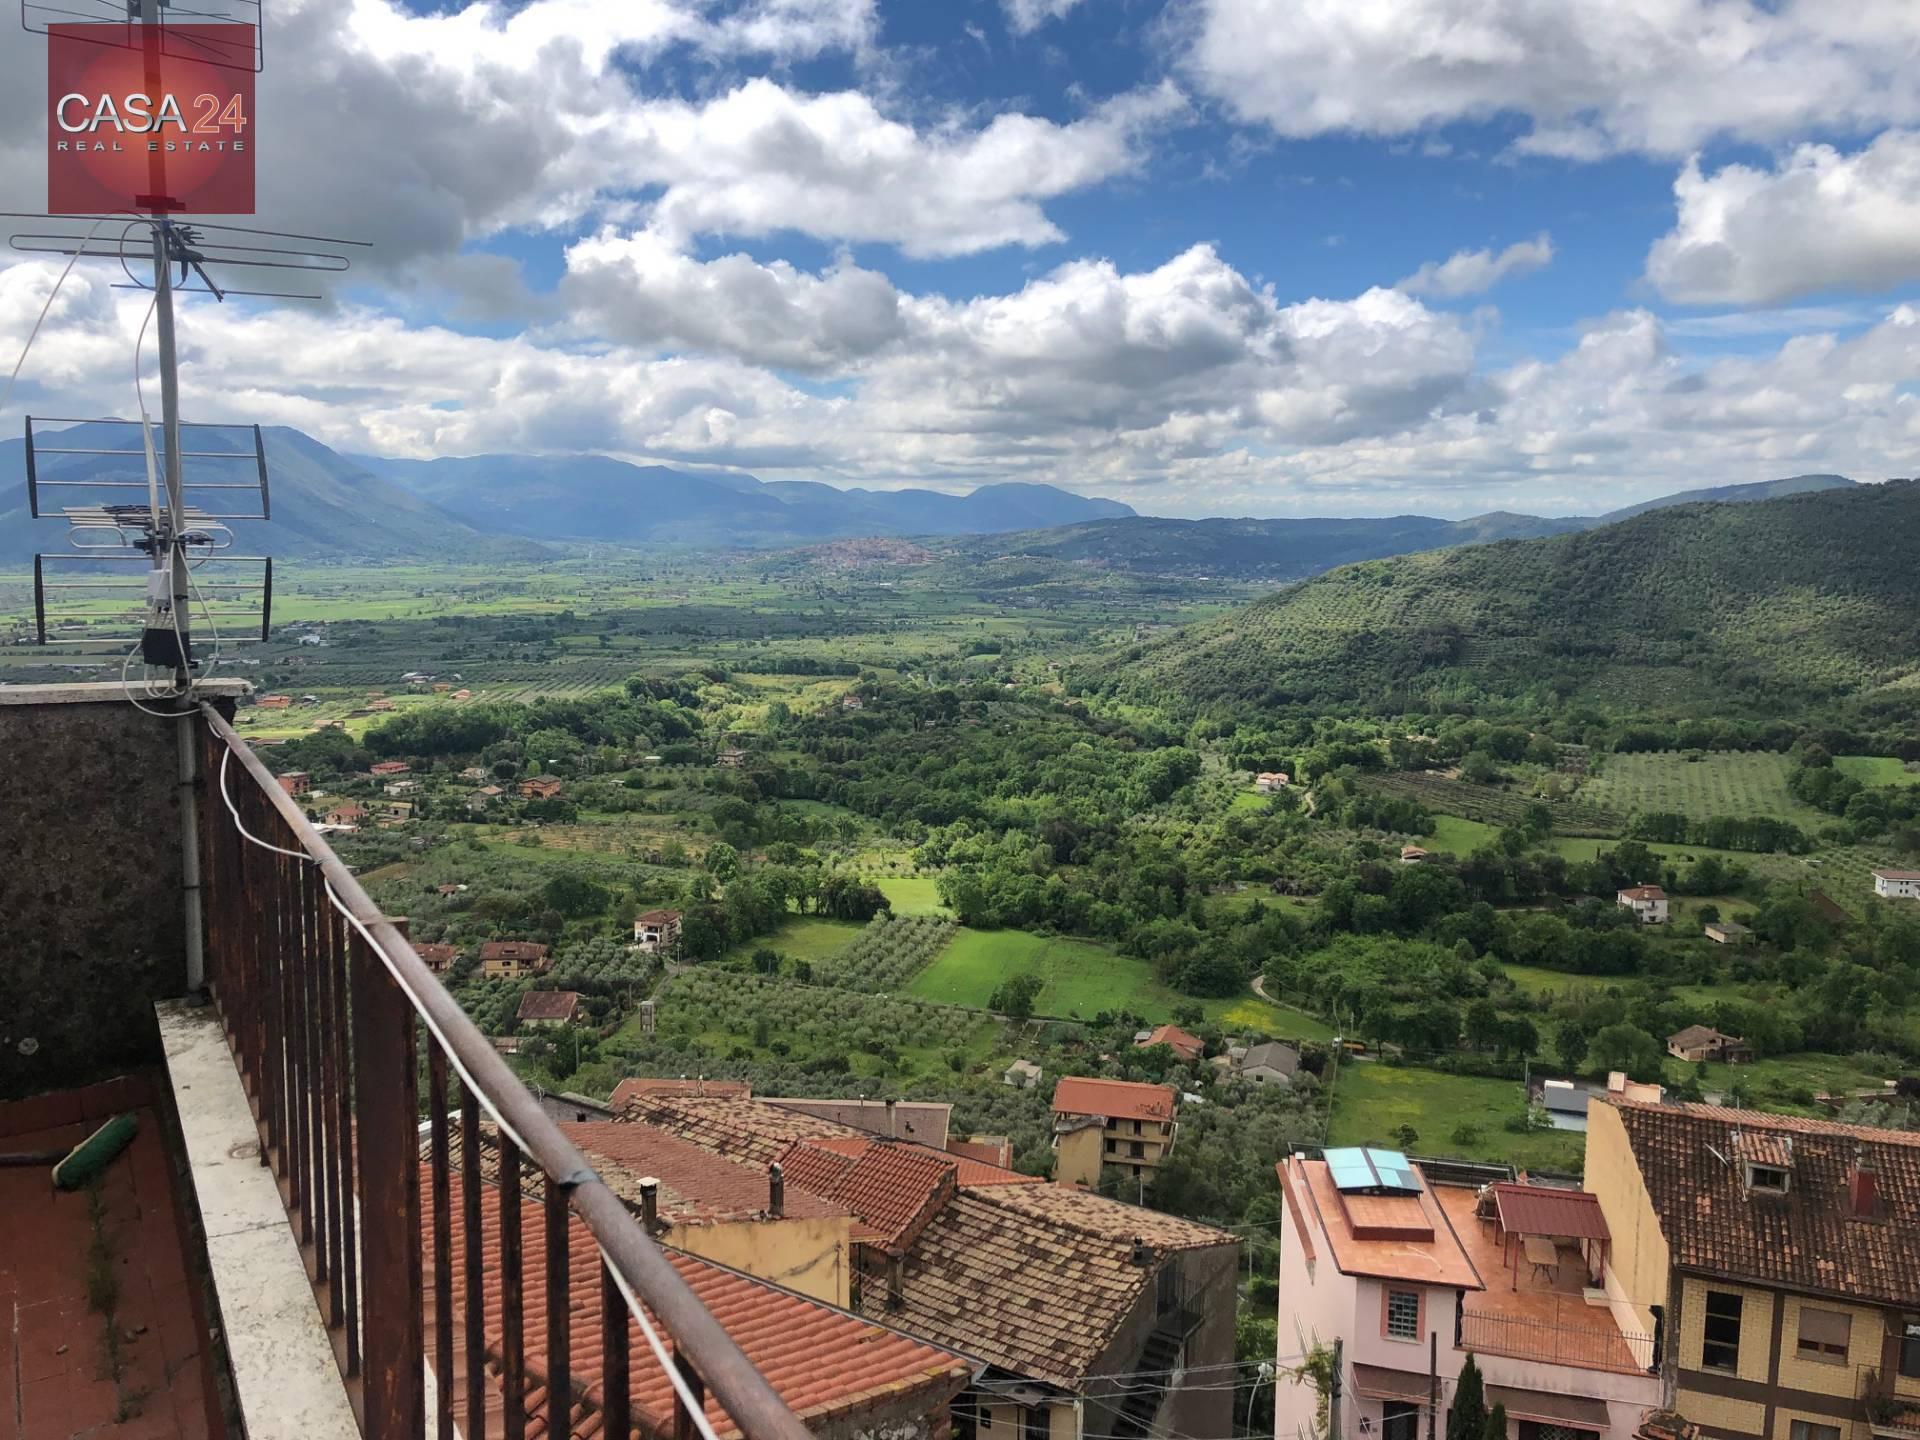 Appartamento in vendita a Roccagorga, 7 locali, prezzo € 70.000 | CambioCasa.it